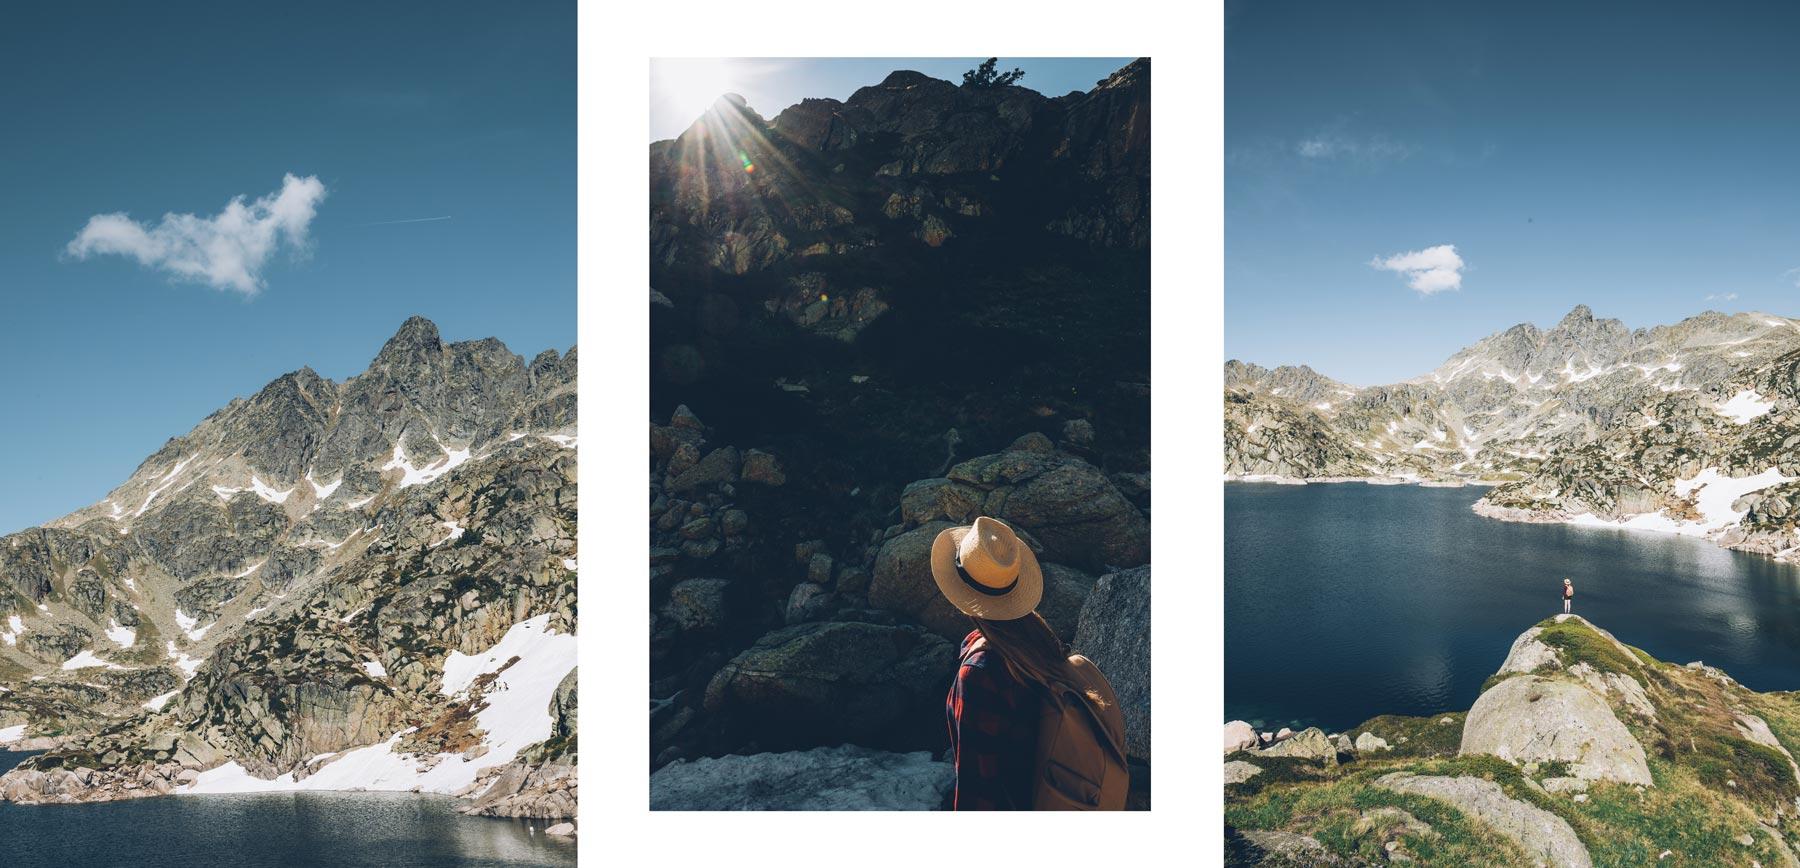 Rando Andorre: les Lacs Juclar depuis le Vall d'Incles